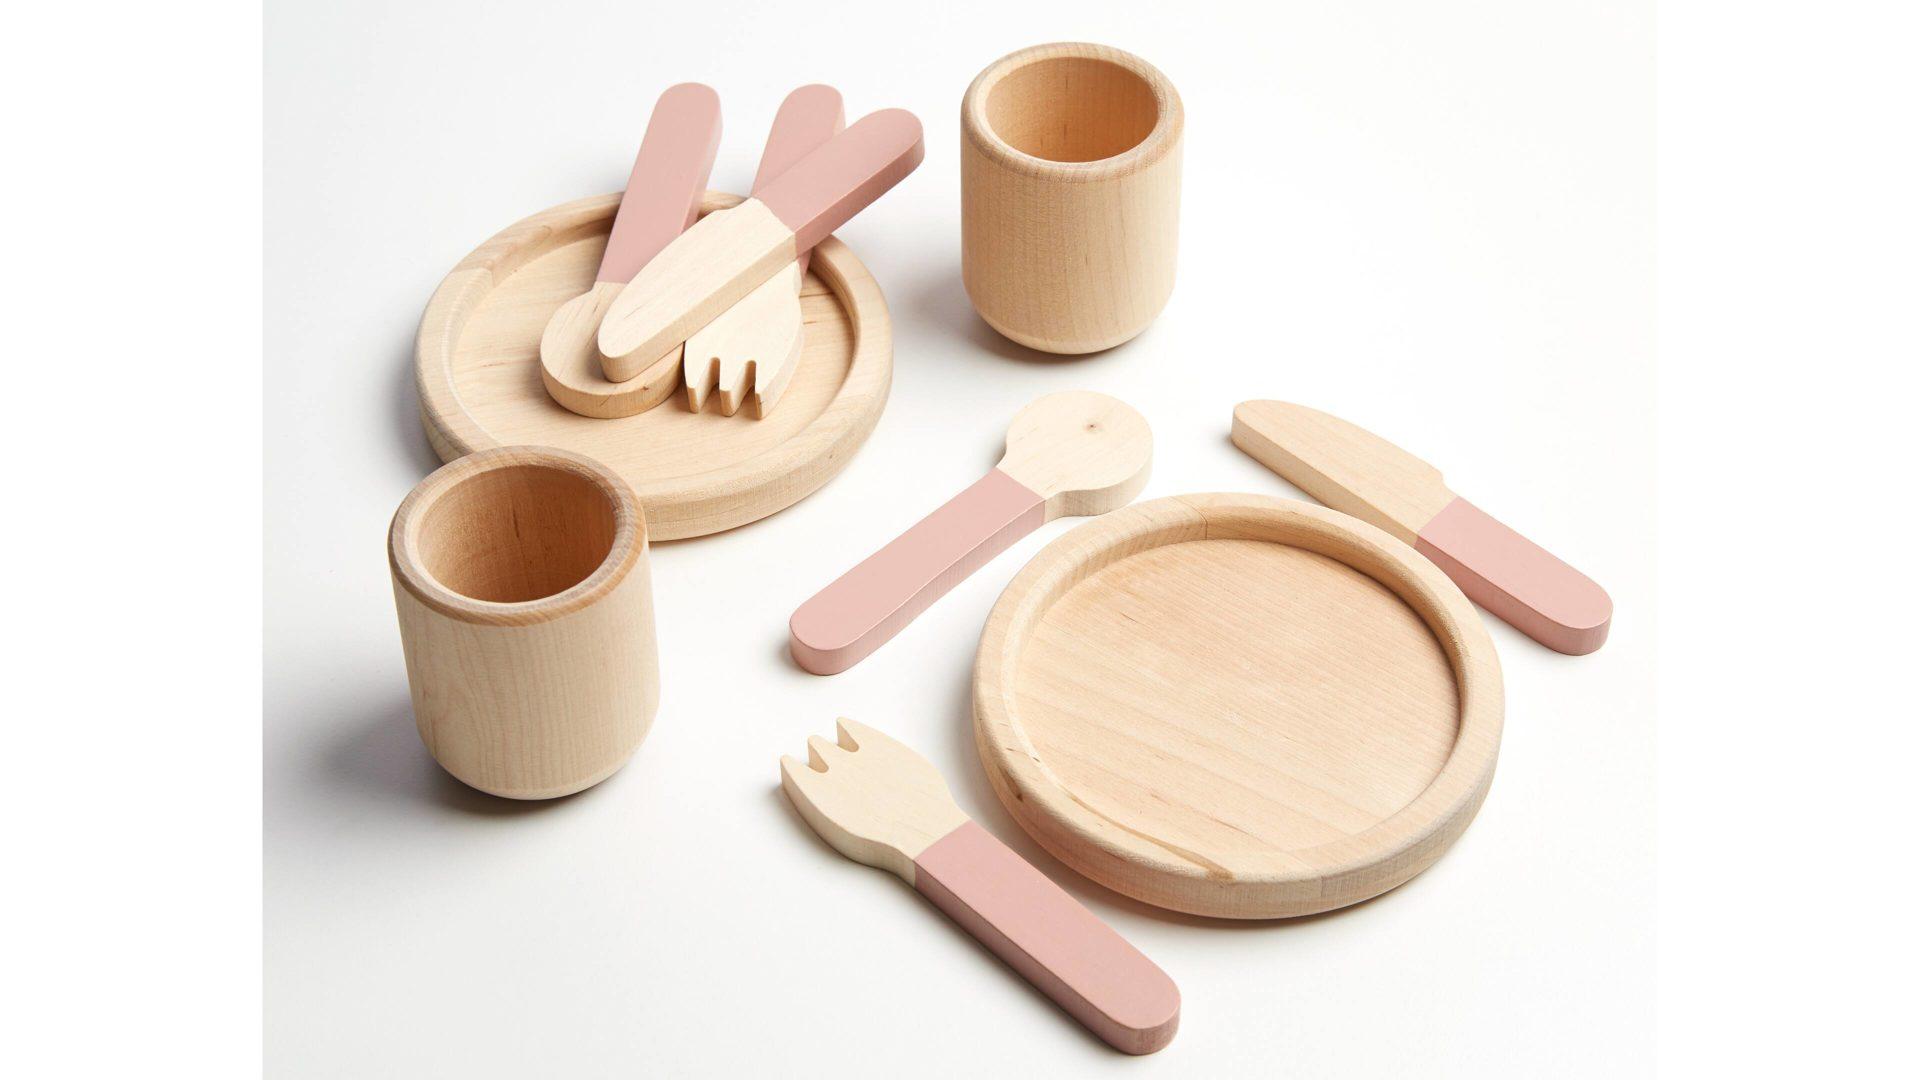 FLEXA Kinder-Küche Geschirr- & Besteck-Set, dunkelrosafarbene  Lackoberflächen & Birkenholz – zehnteilig